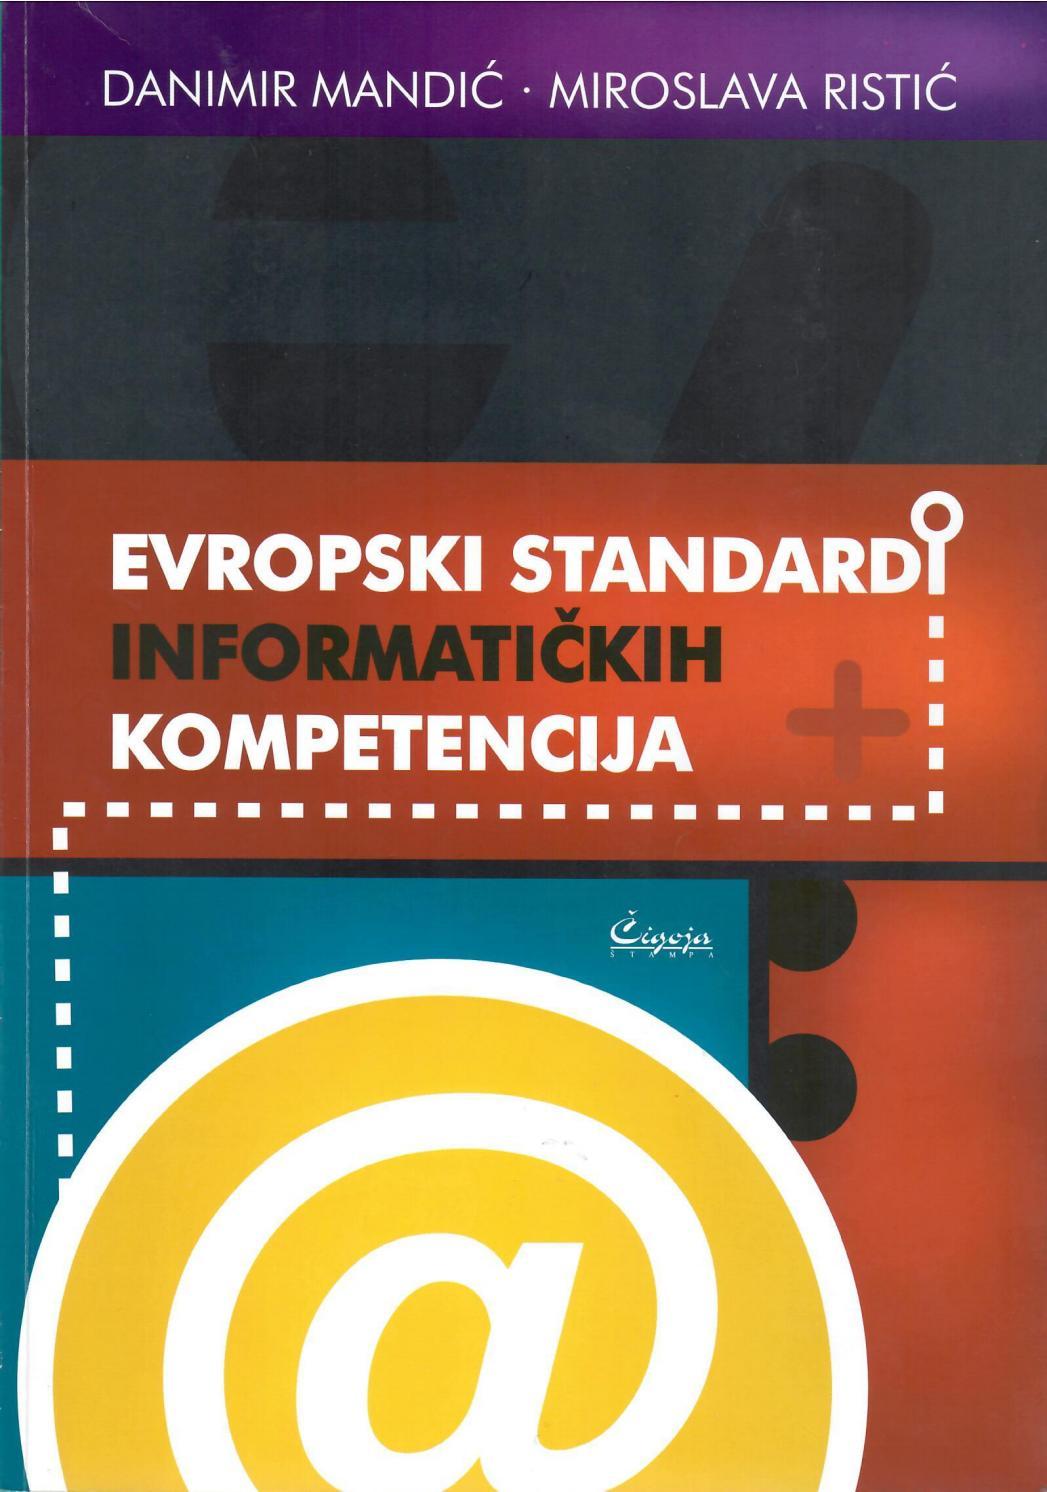 Ecdl1 By Zlatko Katanić Issuu